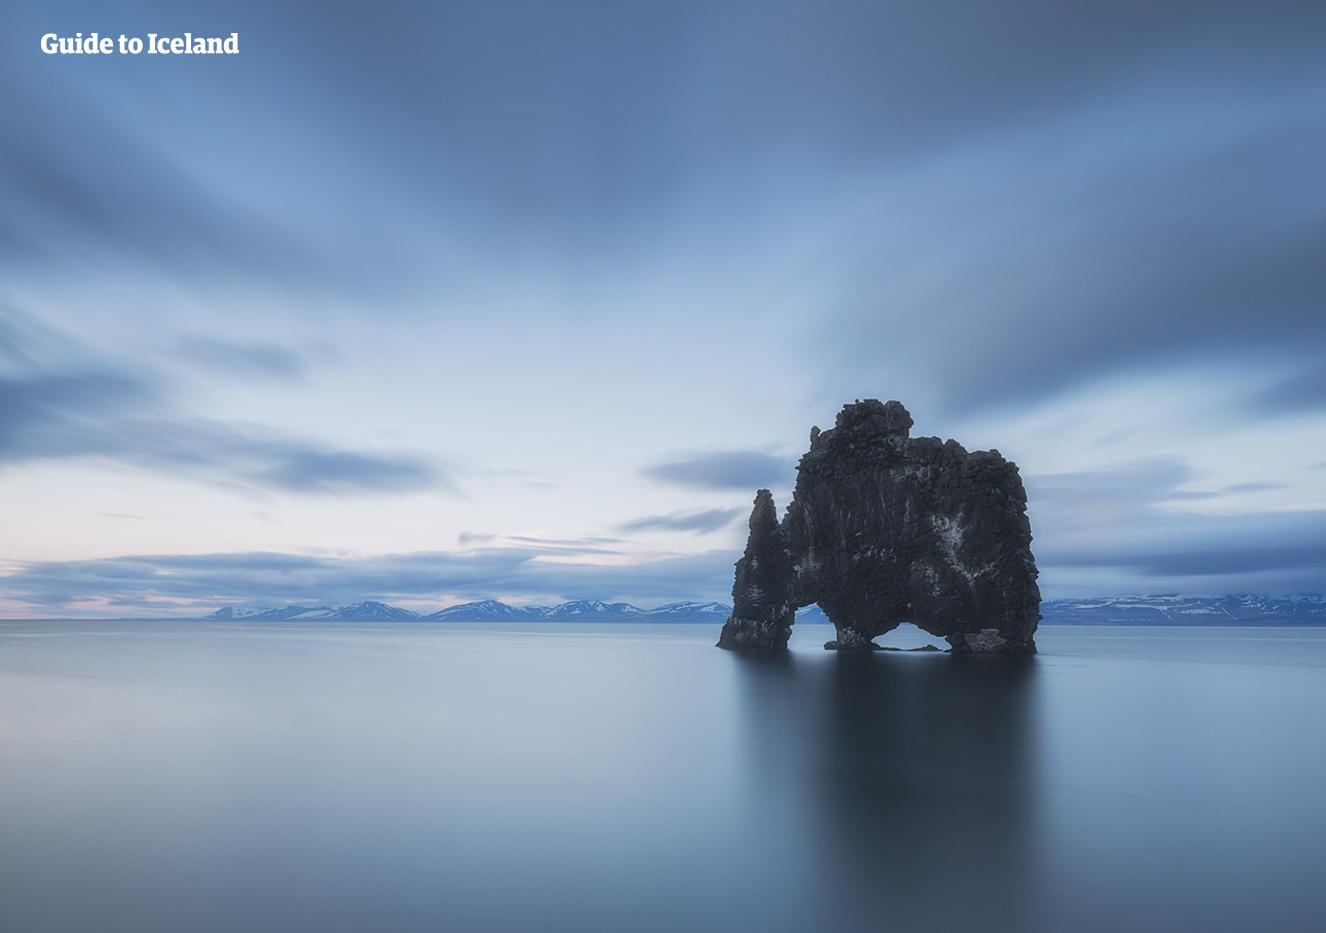 10-дневный зимний автотур | Вокруг Исландии под северным сиянием - day 9